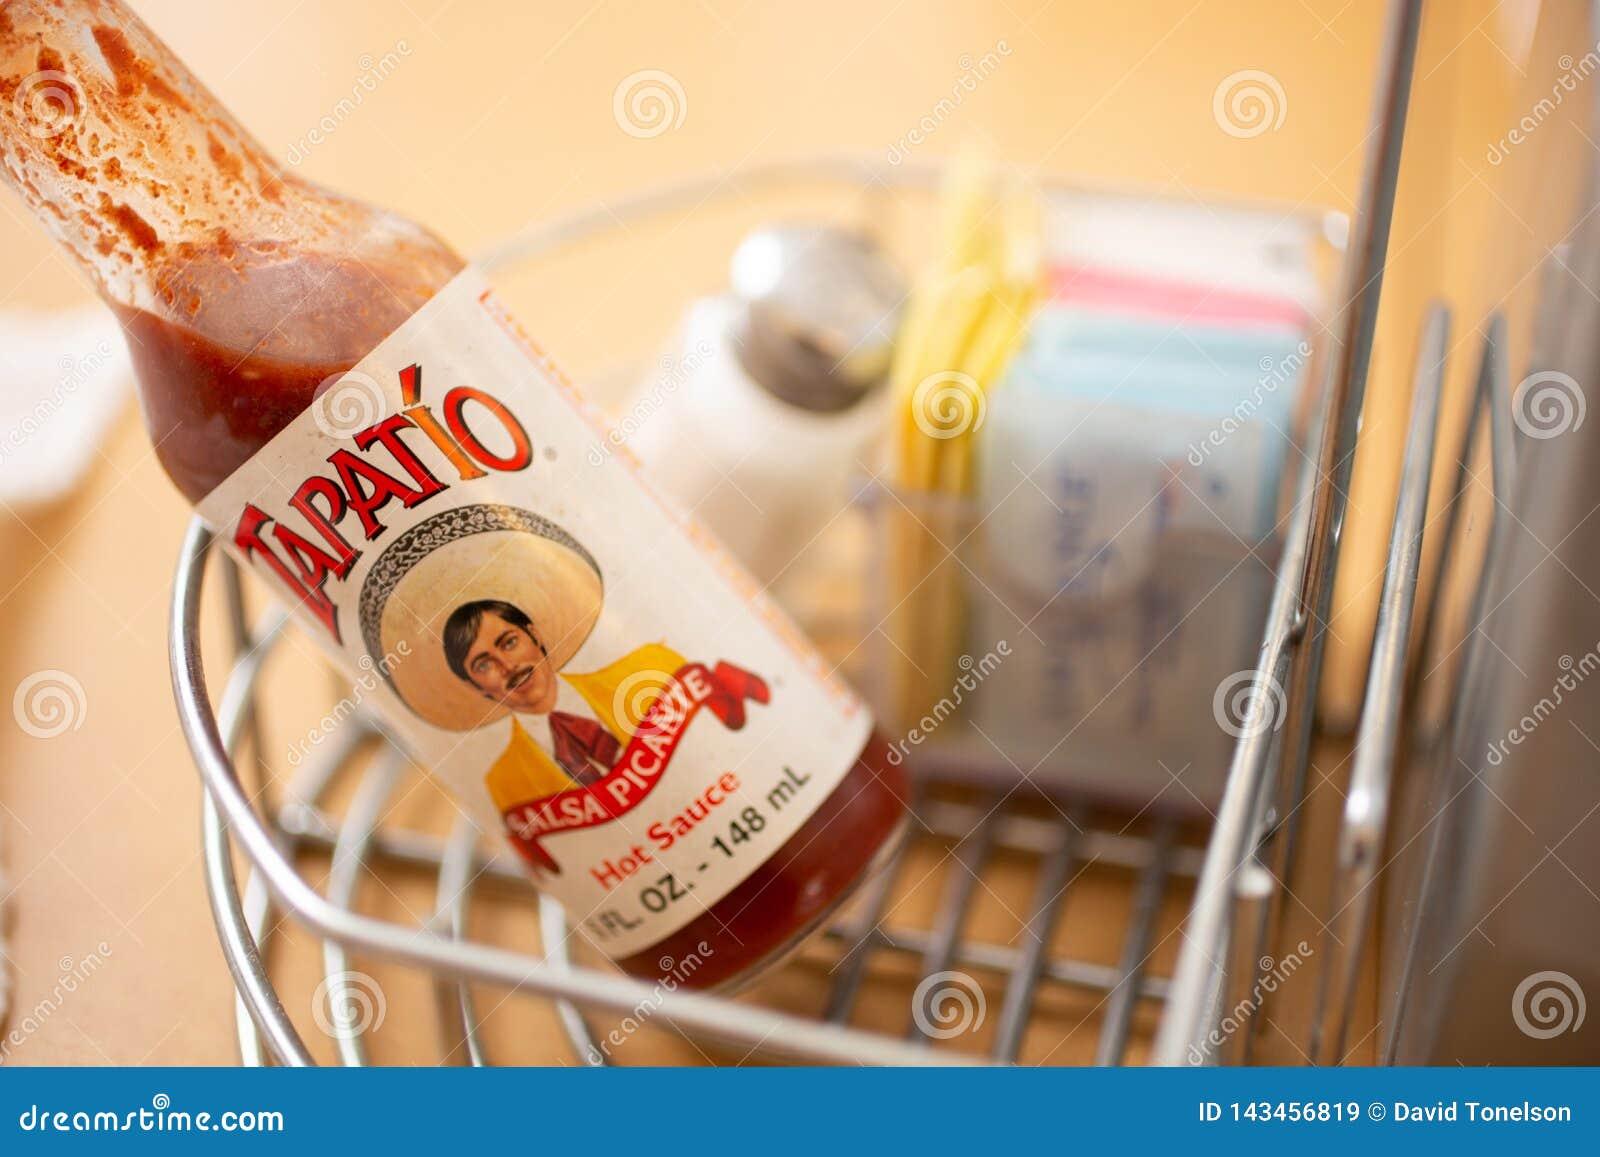 Sauce chaude à Tapatio sur la table